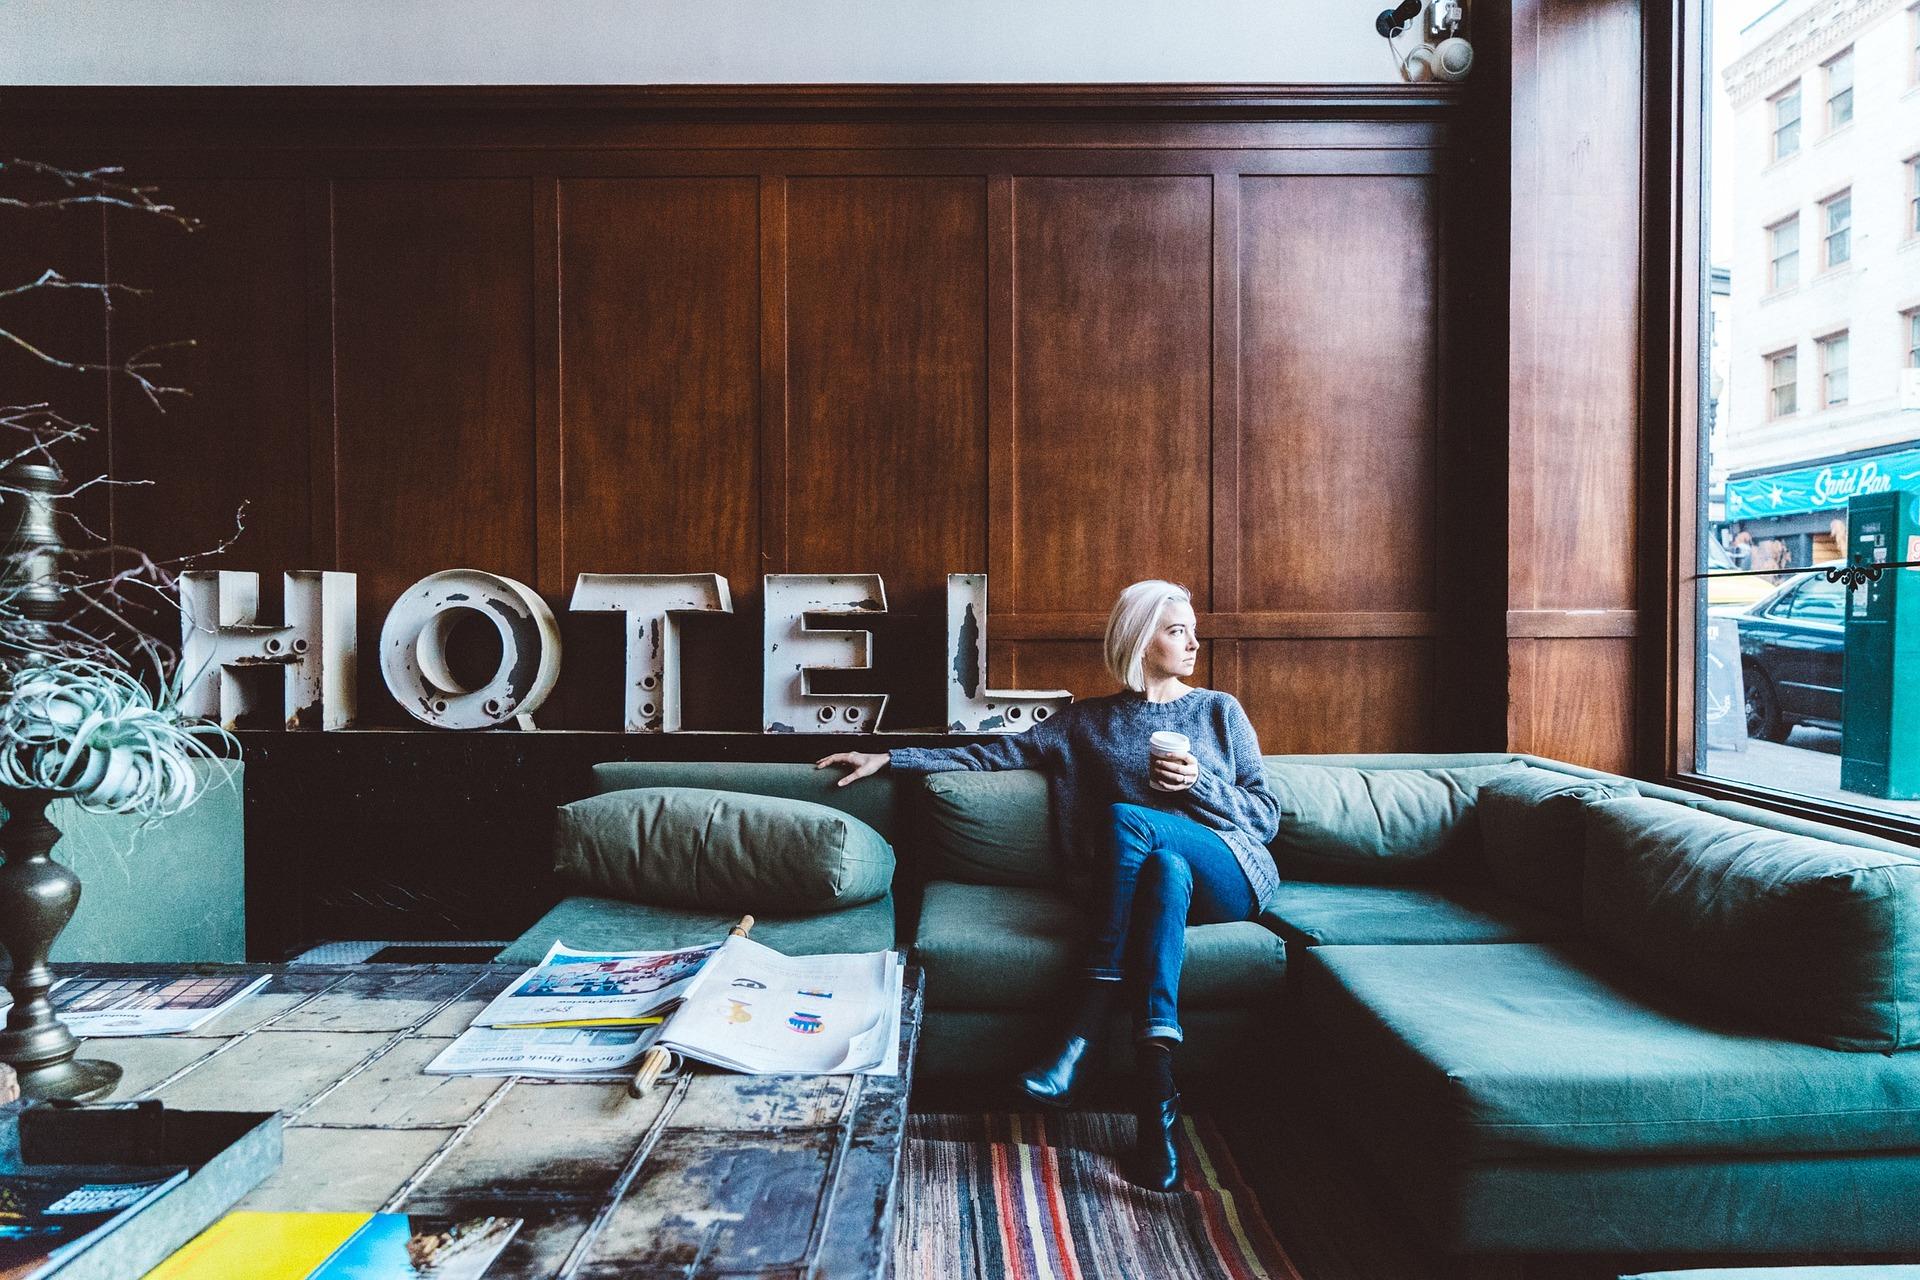 Hotellimajoituksen Trendejä Suomessa